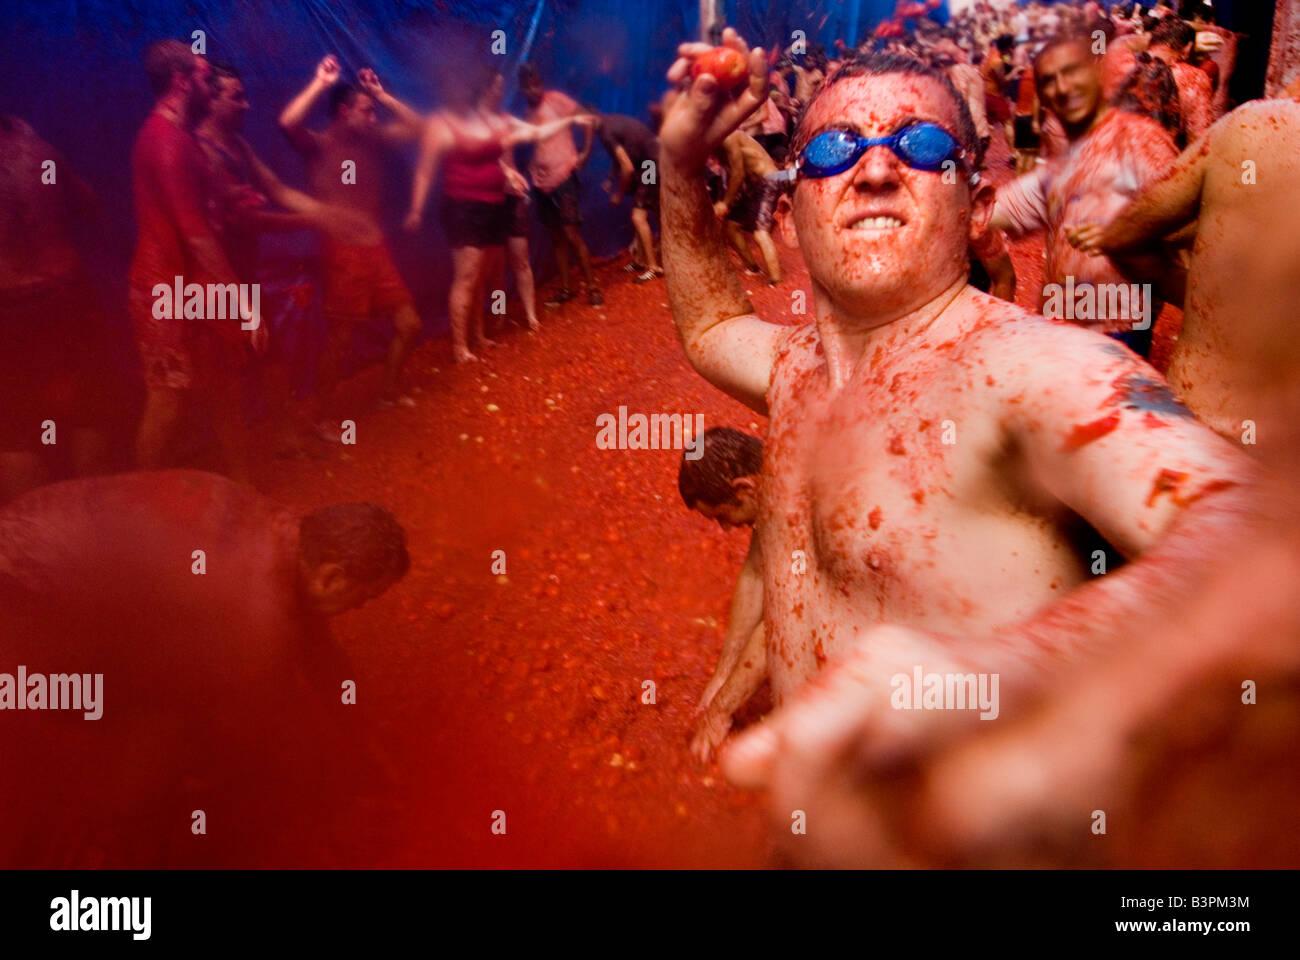 El hombre llevaba gafas de natación arrojar un tomate en la Tomatina festival de combates de alimentos. Bunol. Imagen De Stock